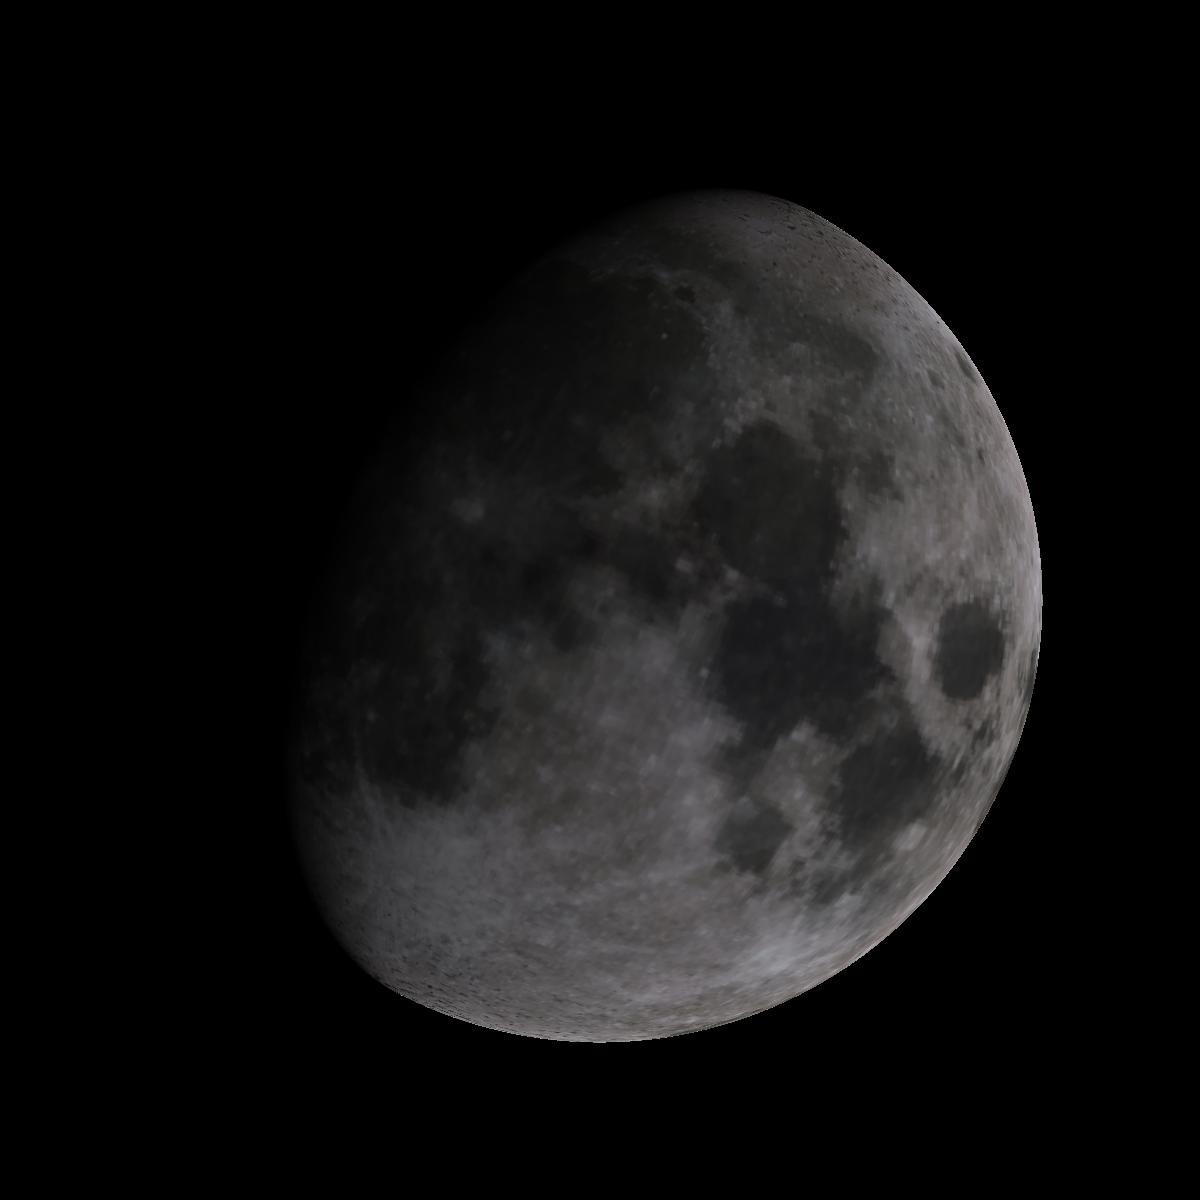 Lune du 8 novembre 2019